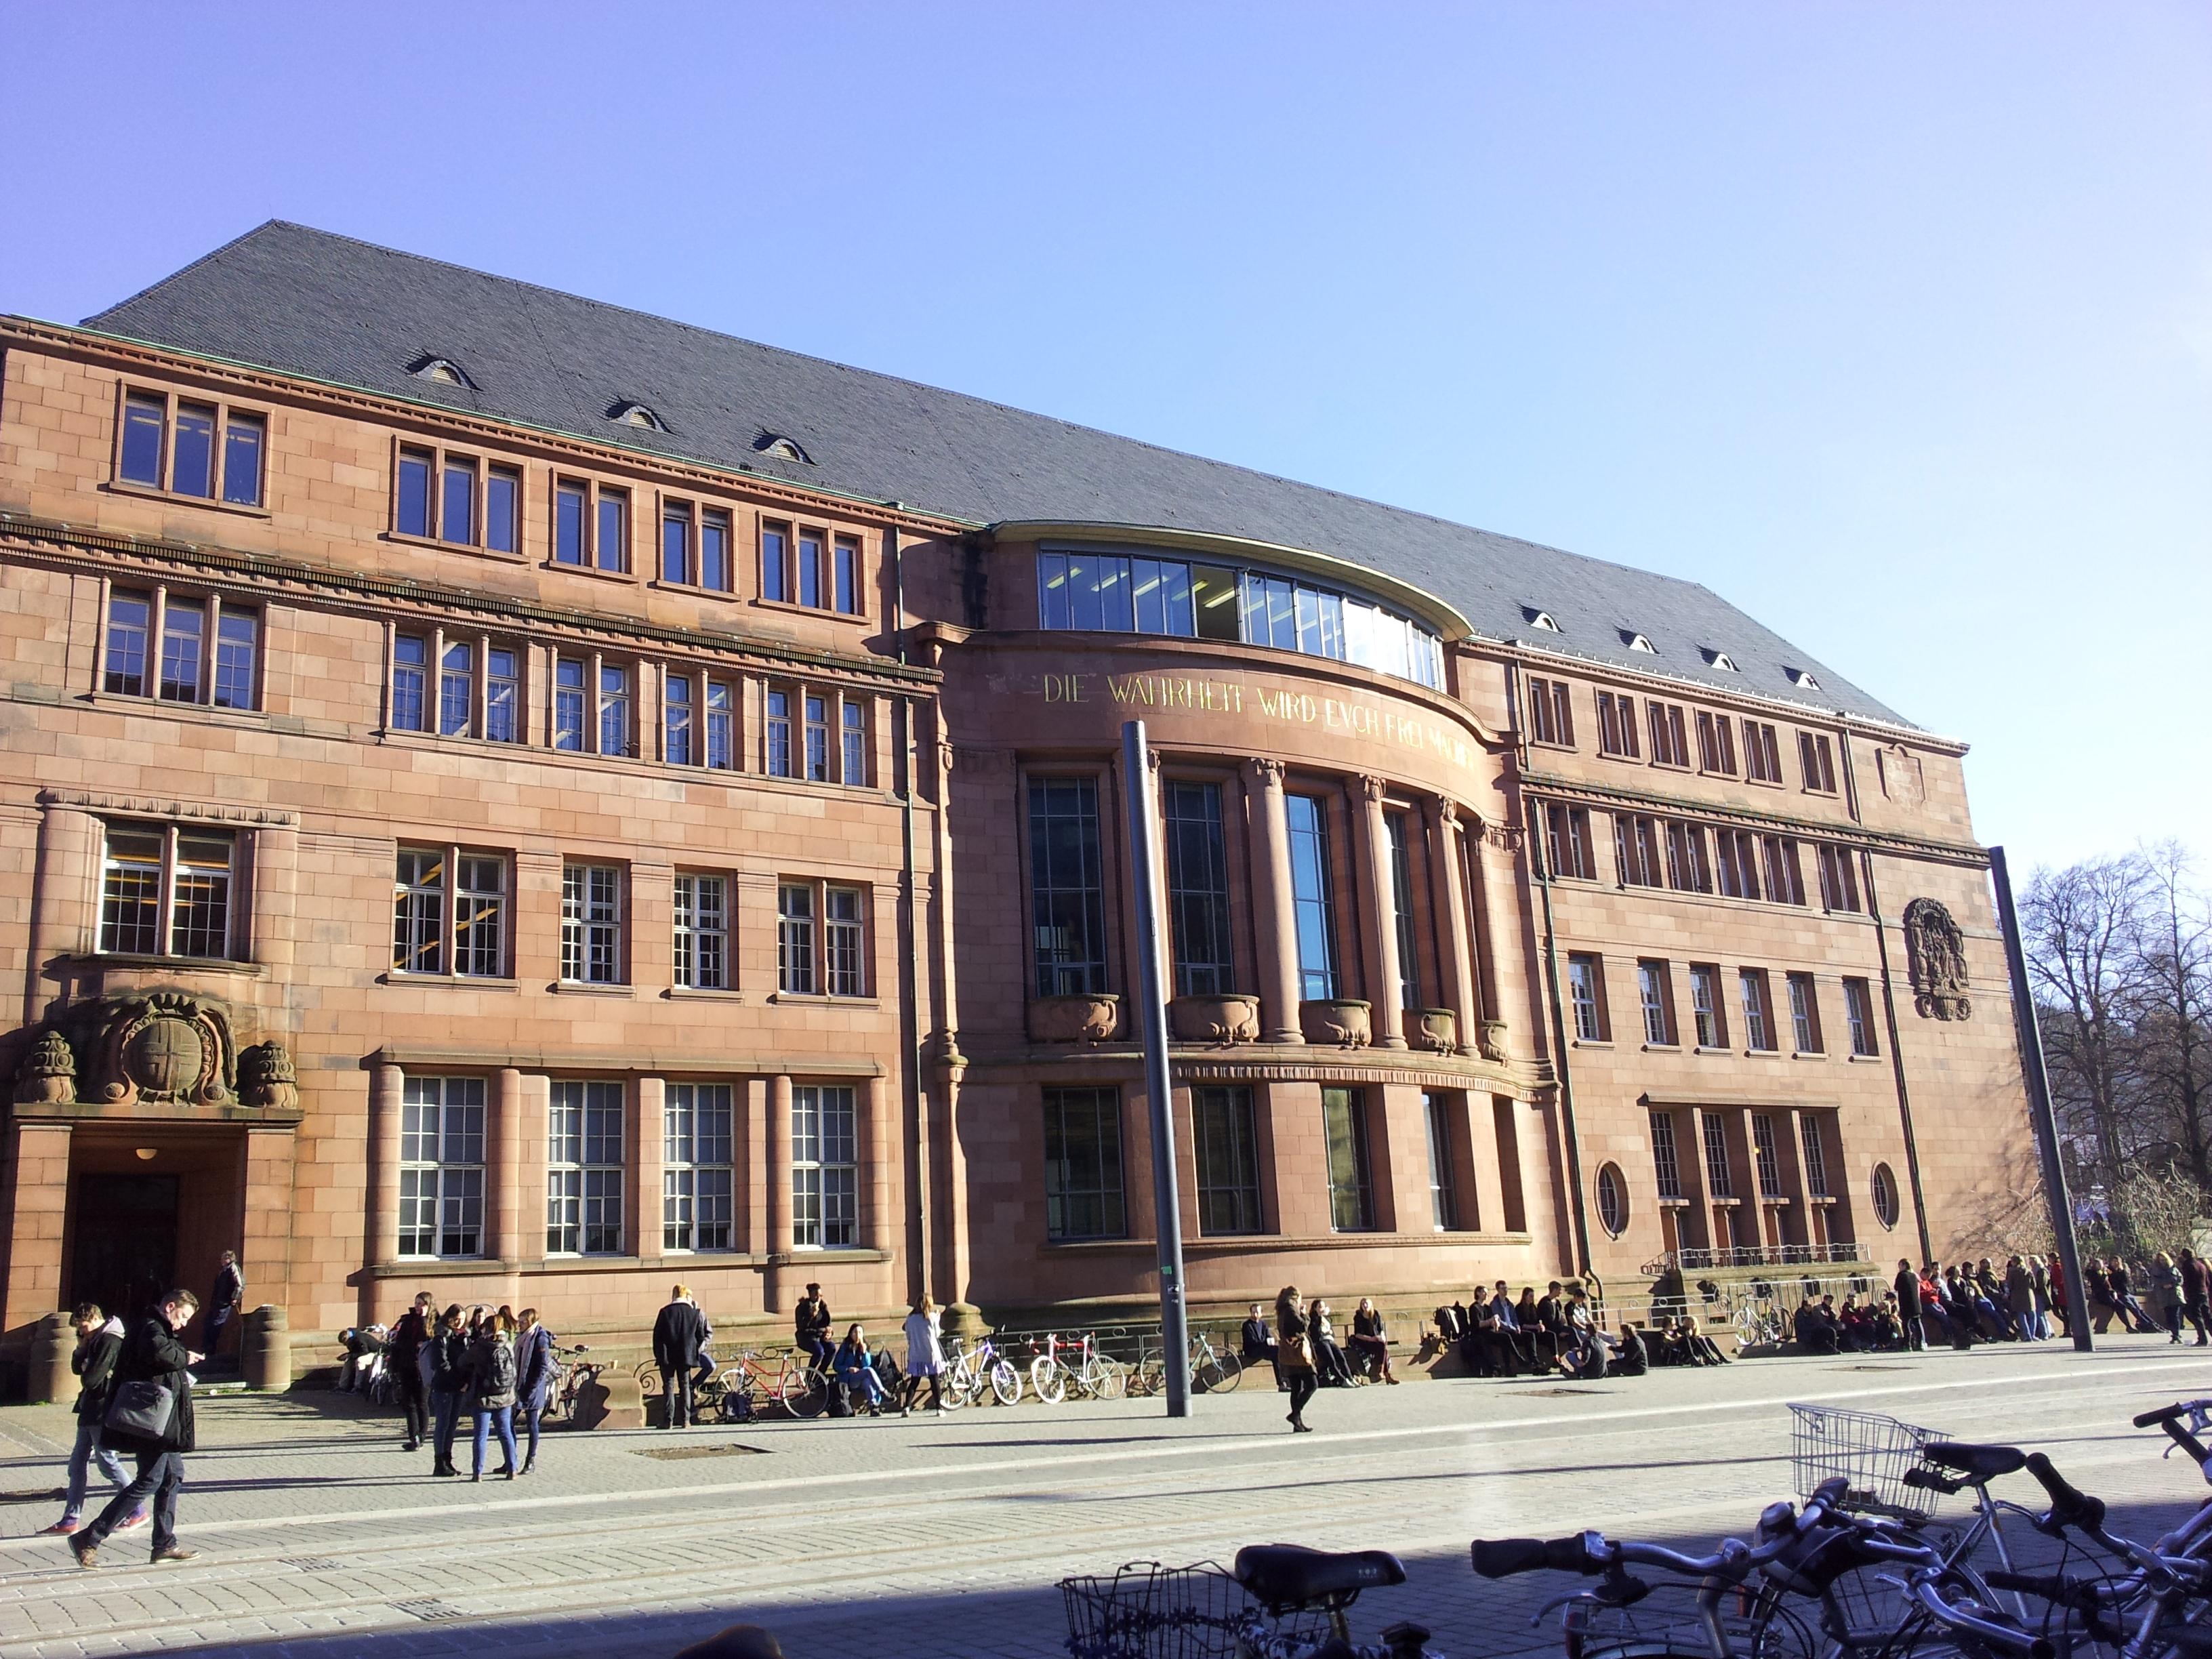 """""""Die Wahrheit wird euch frei machen"""", muistuttaa Freiburgin yliopiston tunnuslause."""